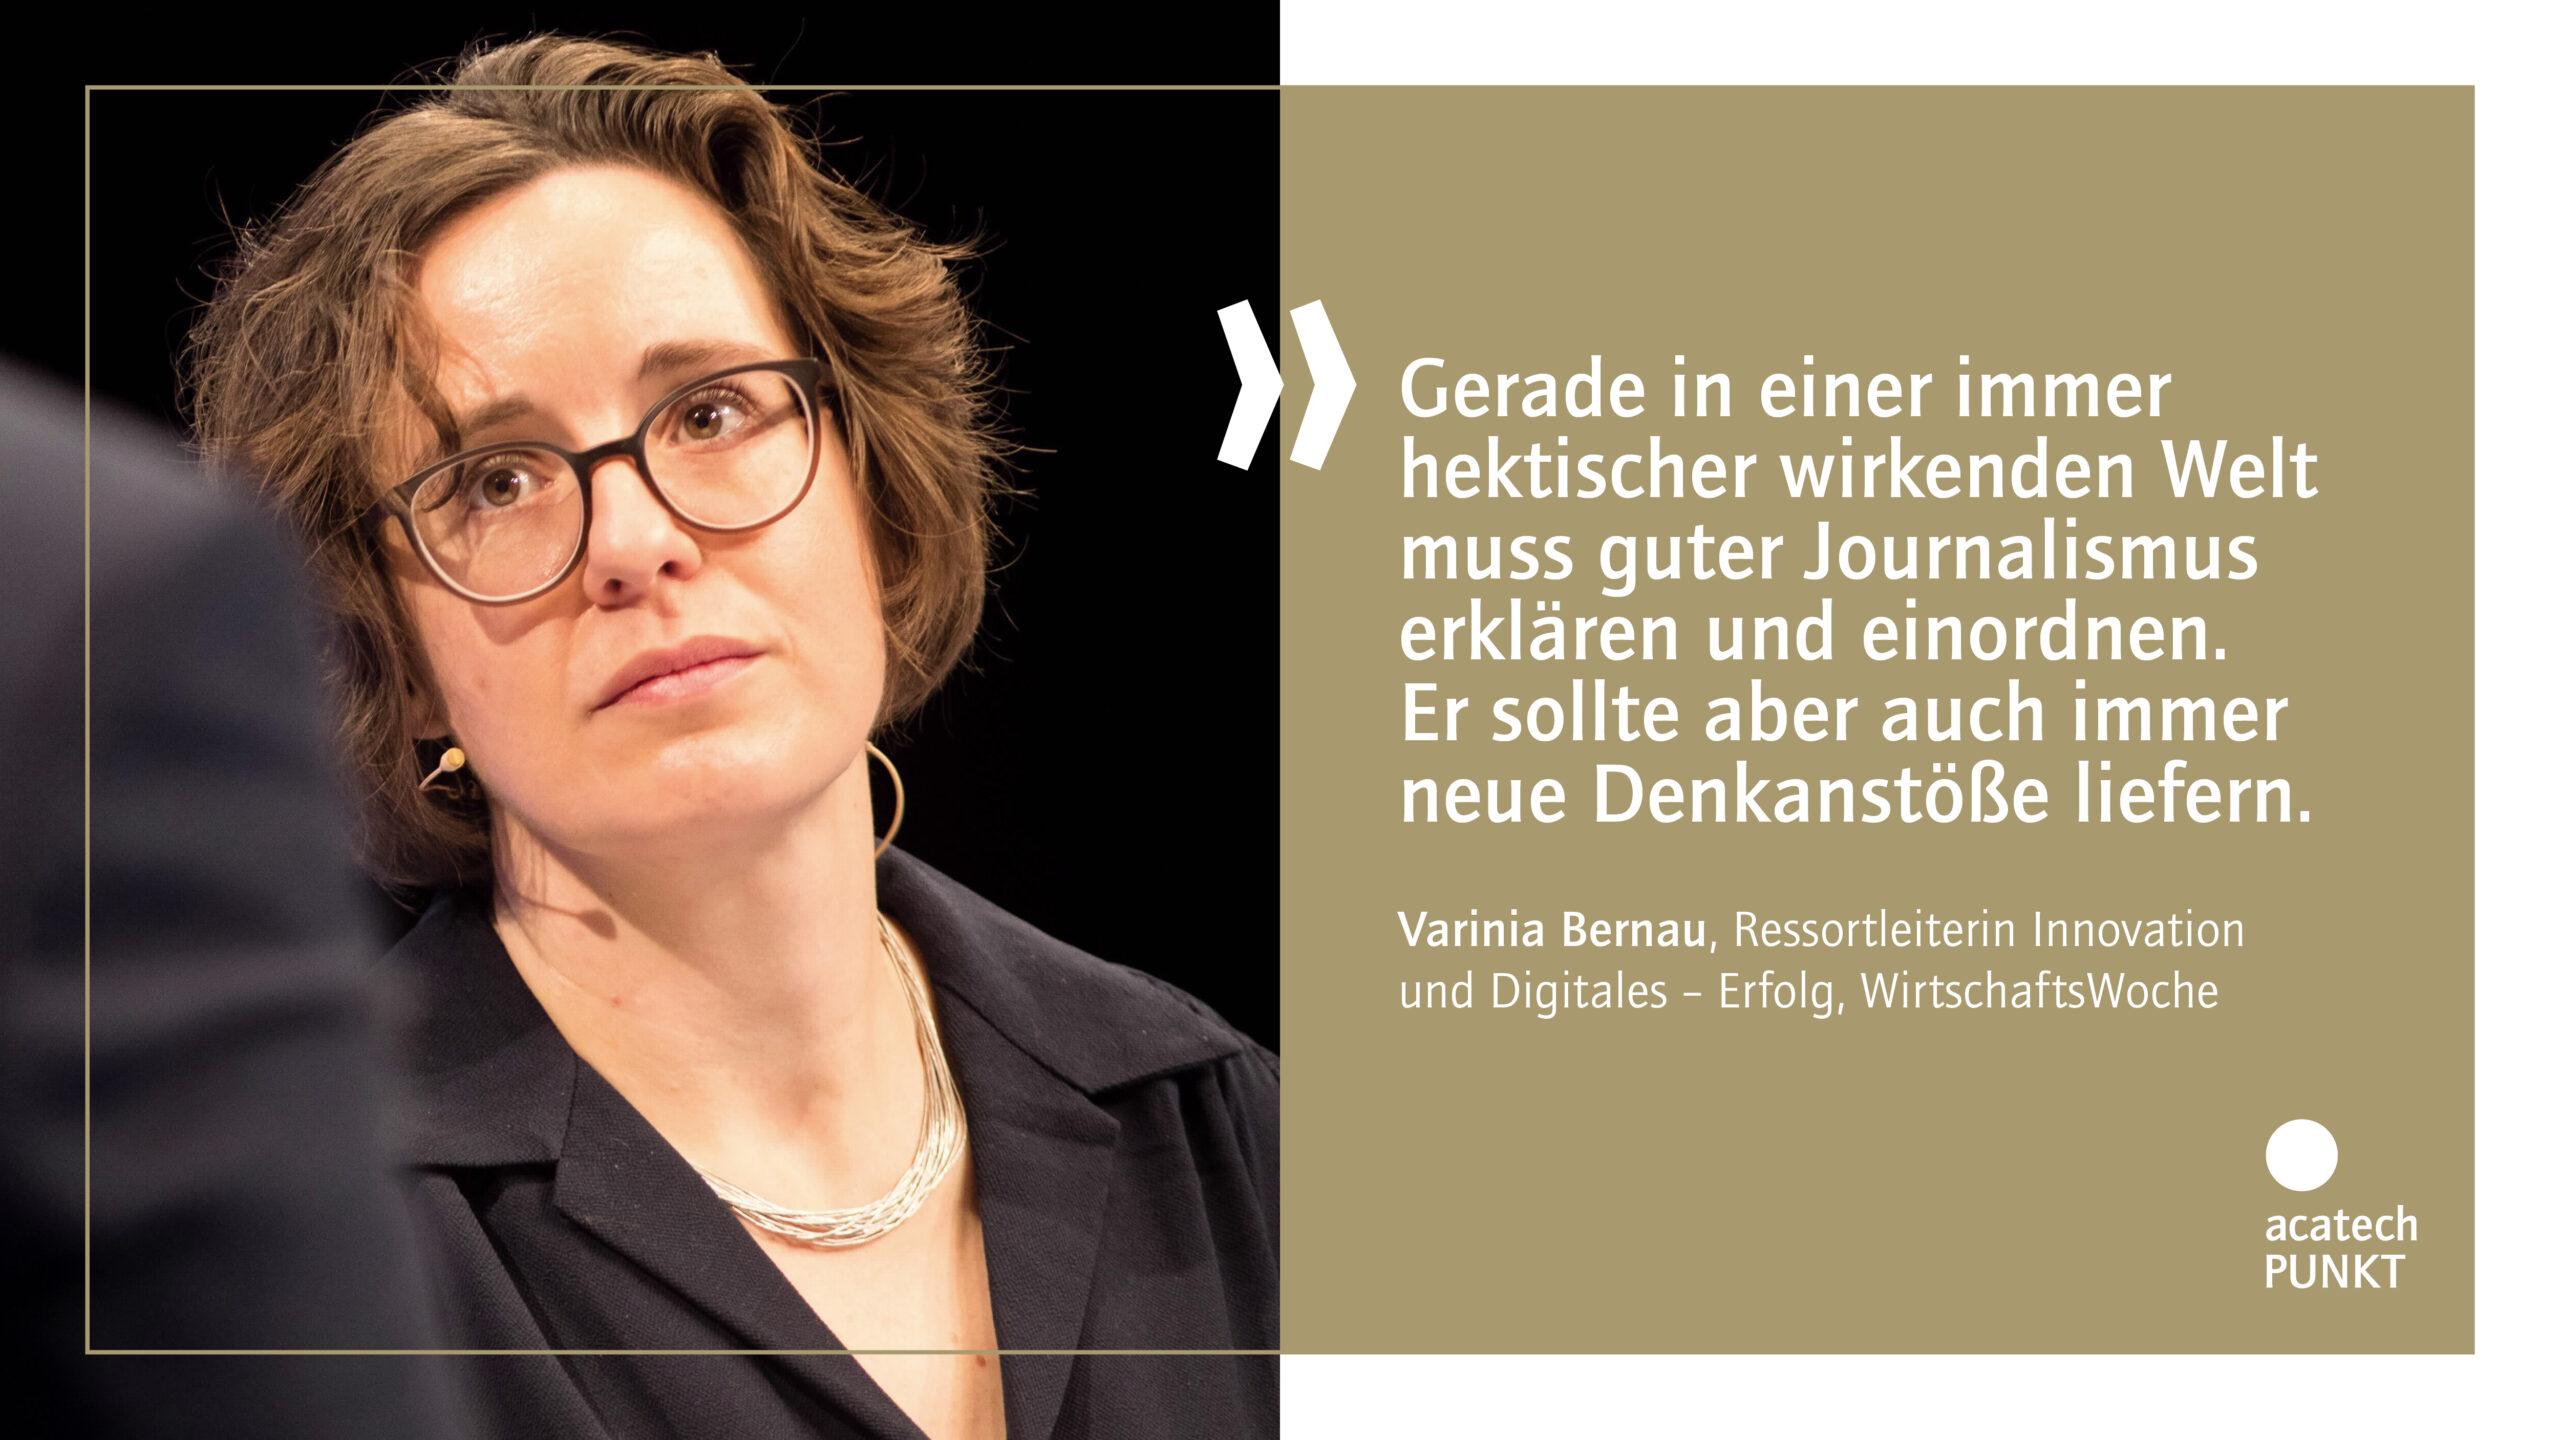 Zitatkarte mit Portraitbild Varinia Bernau, WirtschaftsWoche